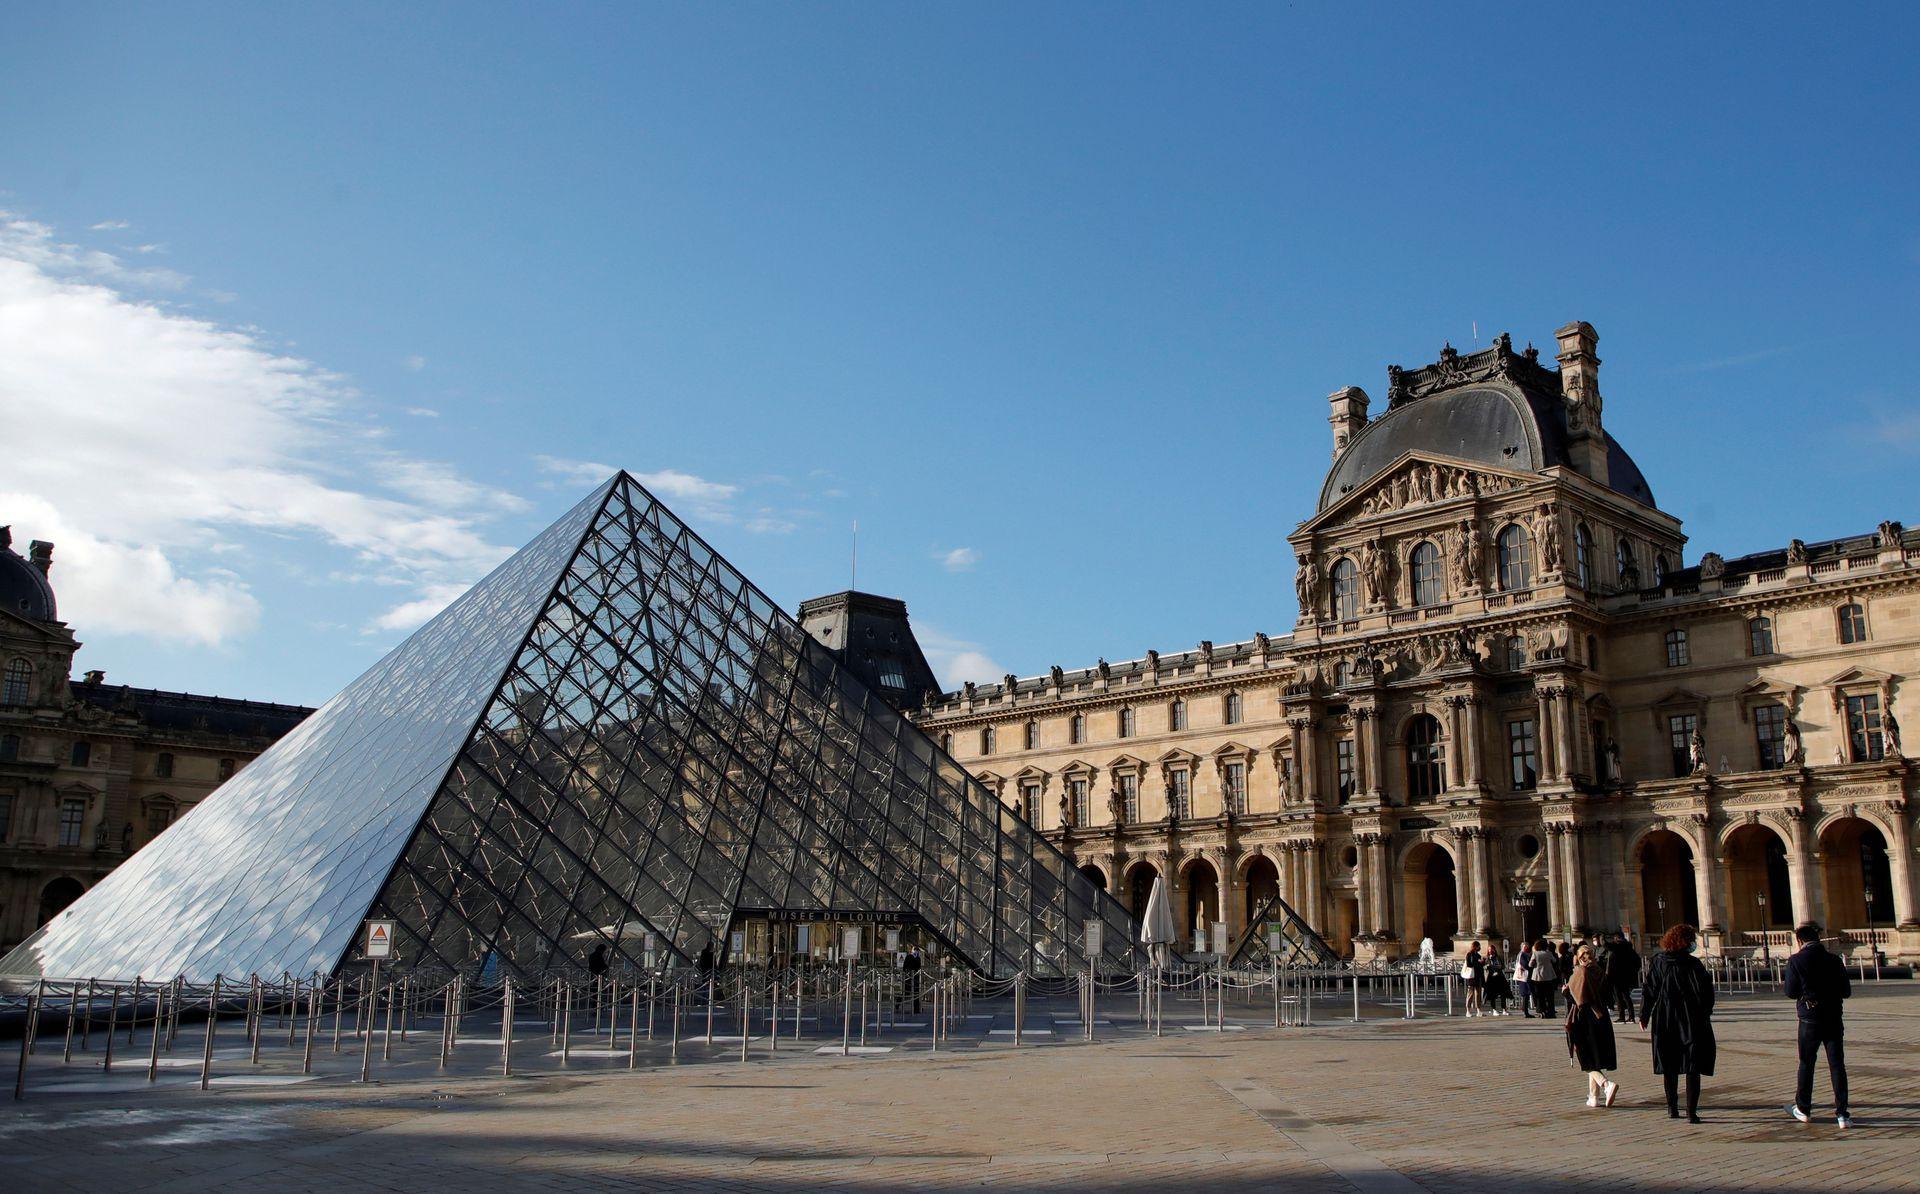 21 สถานที่ที่ดีที่สุดในการเยี่ยมชมในฝรั่งเศส